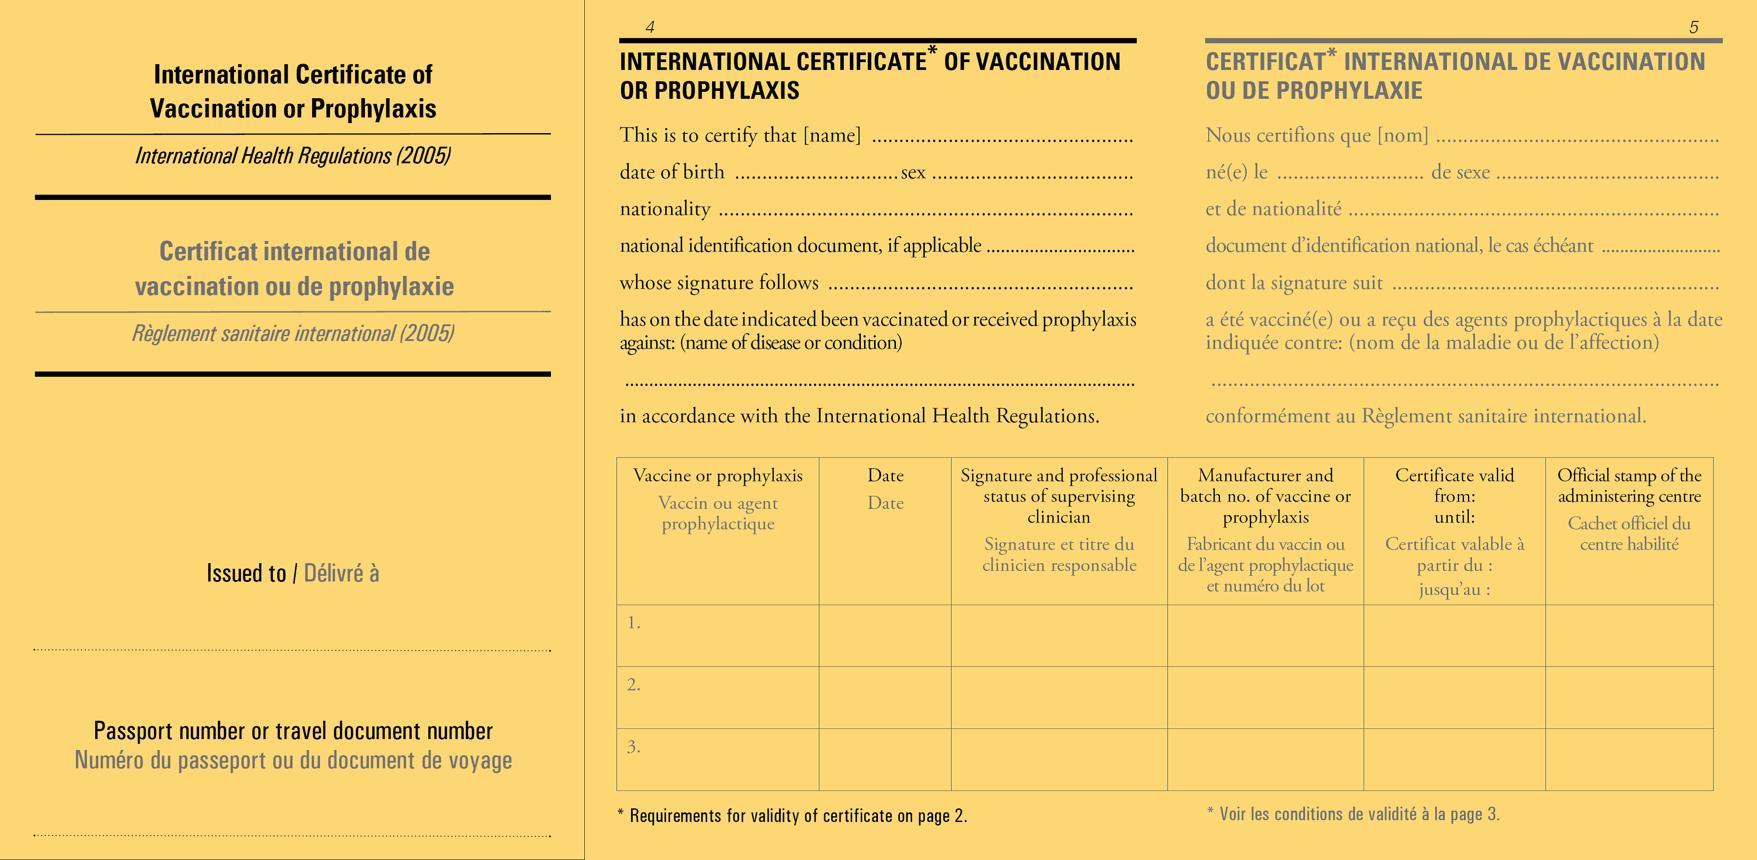 世界衛生組織規定之國際預防接種證明書格式(掃描檔)